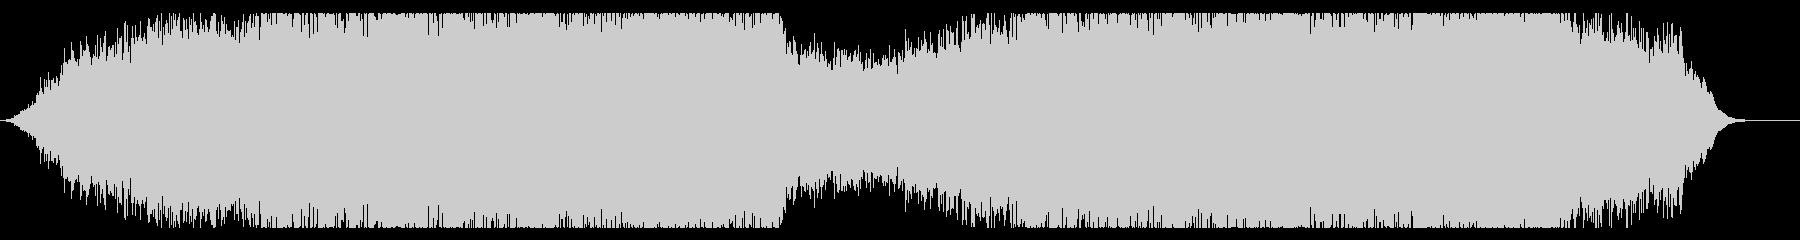 【オケ曲】重厚で壮大なオーケストラ曲2の未再生の波形